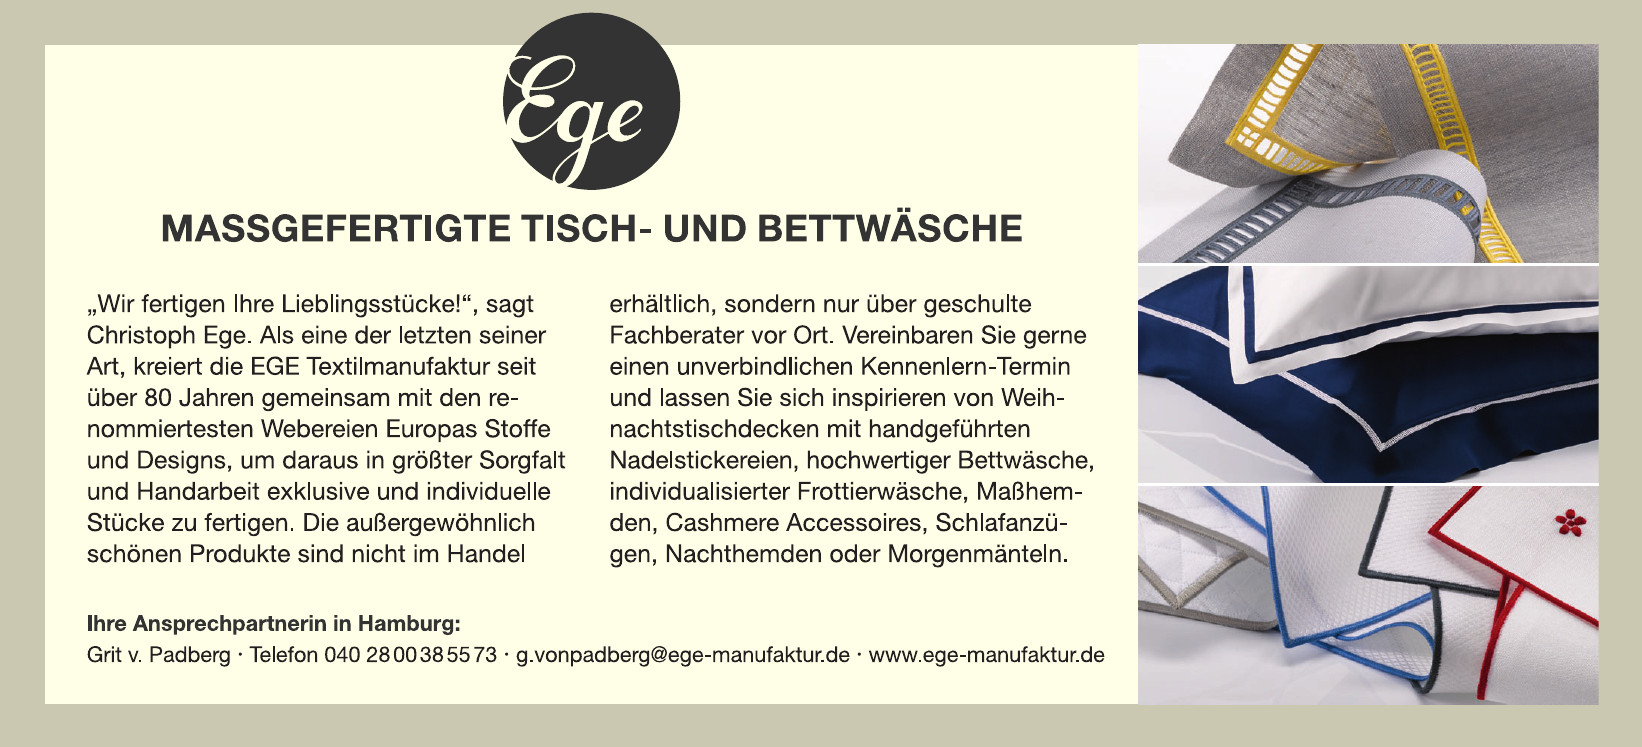 Ege Textilmanufaktur GmbH